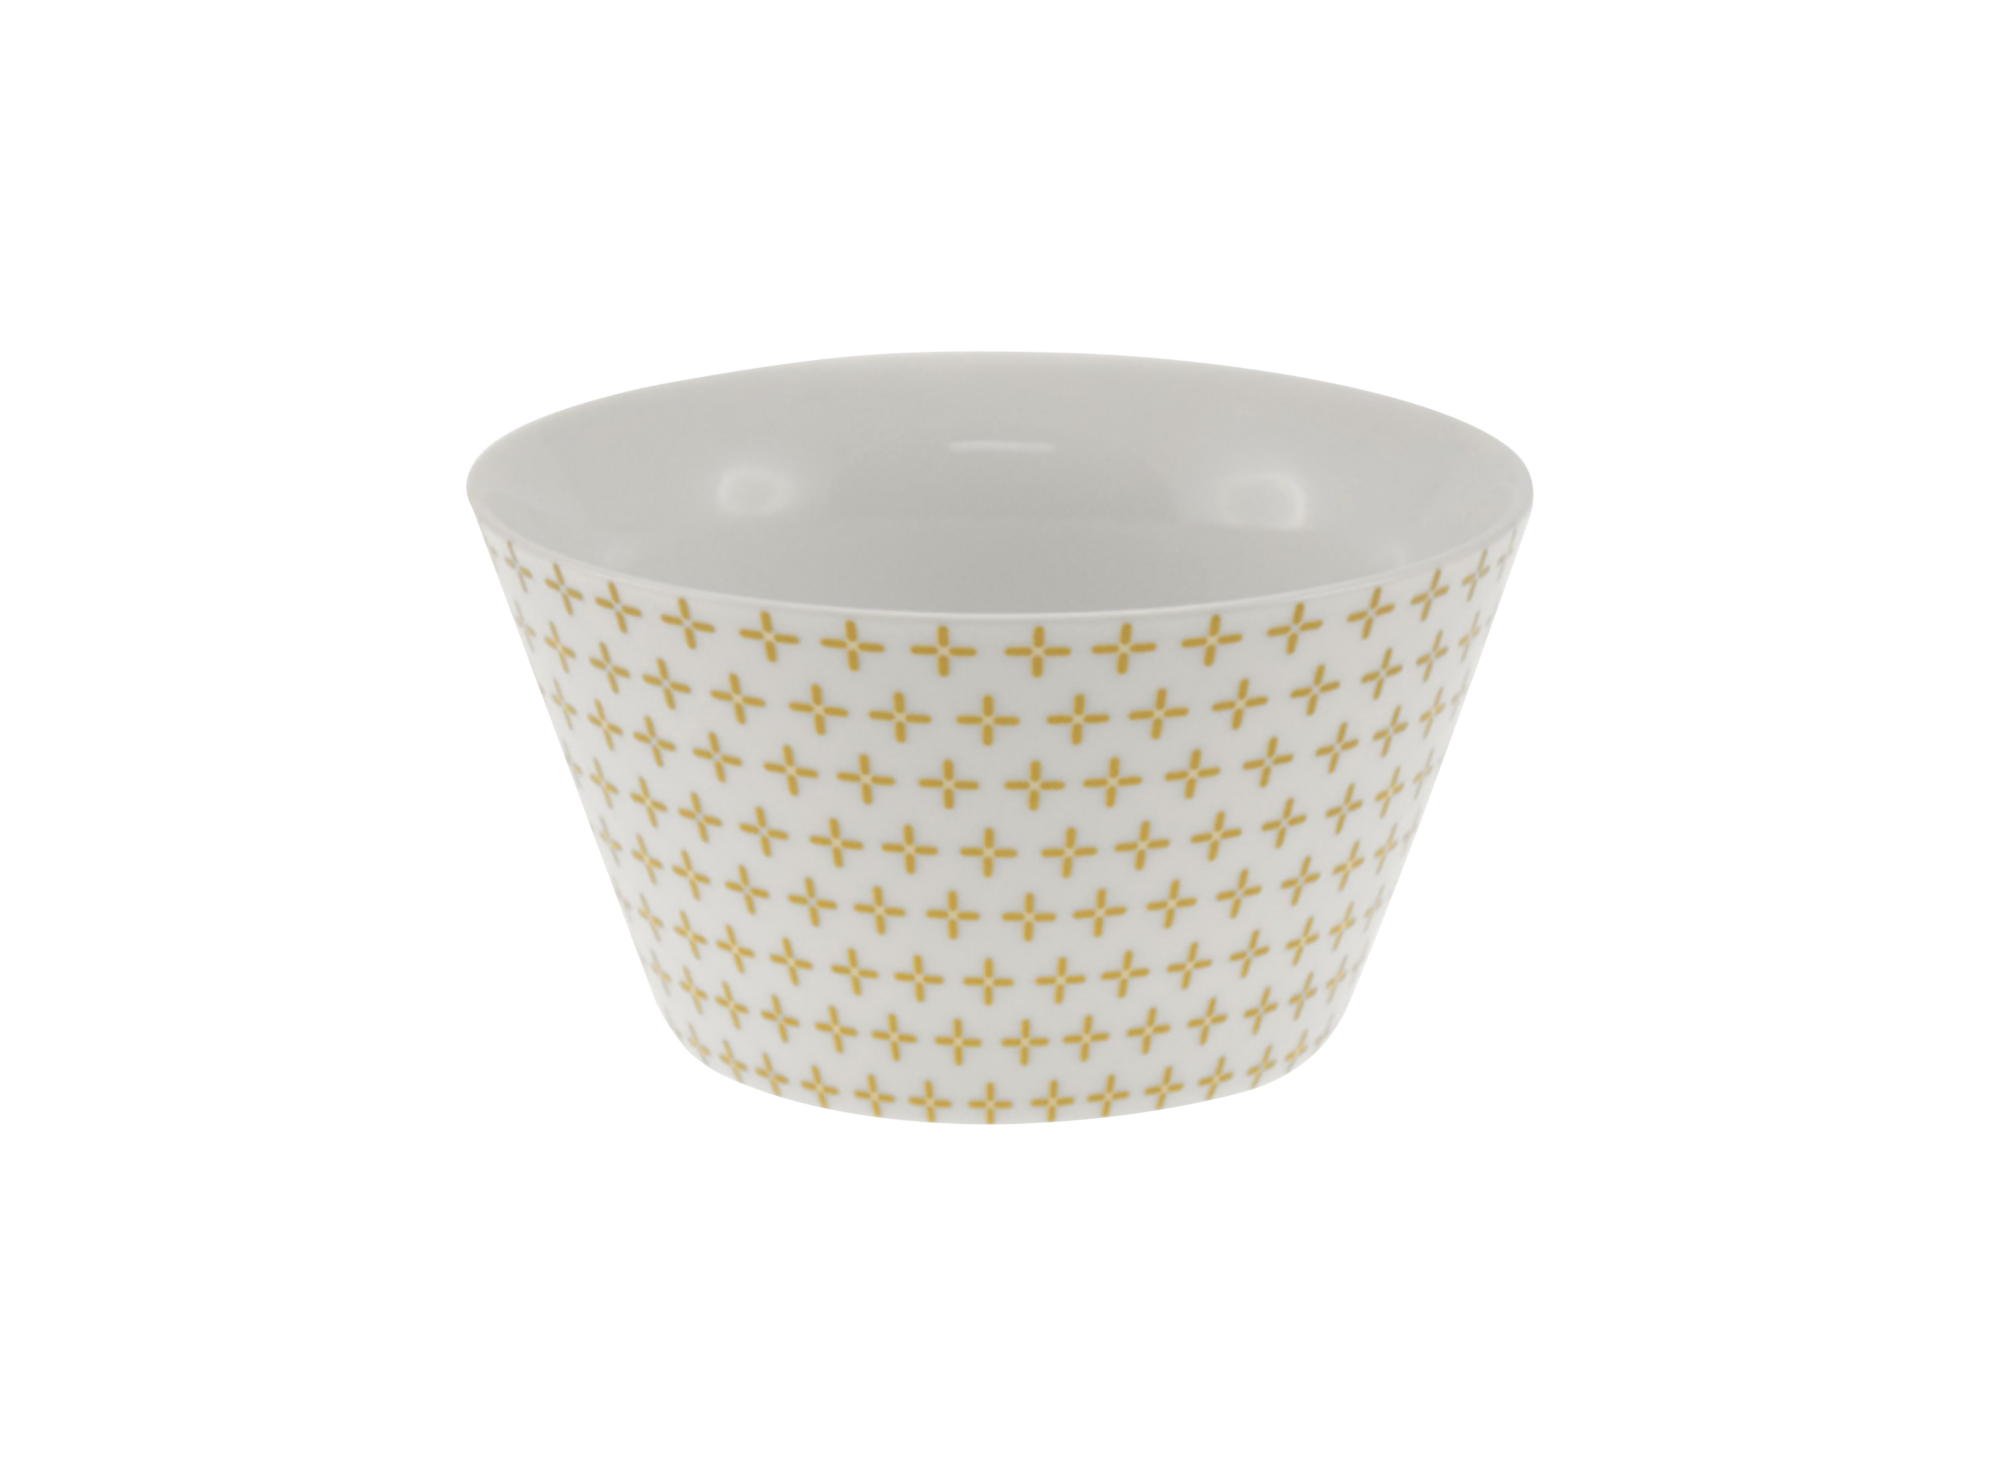 Bol conique 55cl en porcelaine - coloris blanc et or - resiste au mic ...